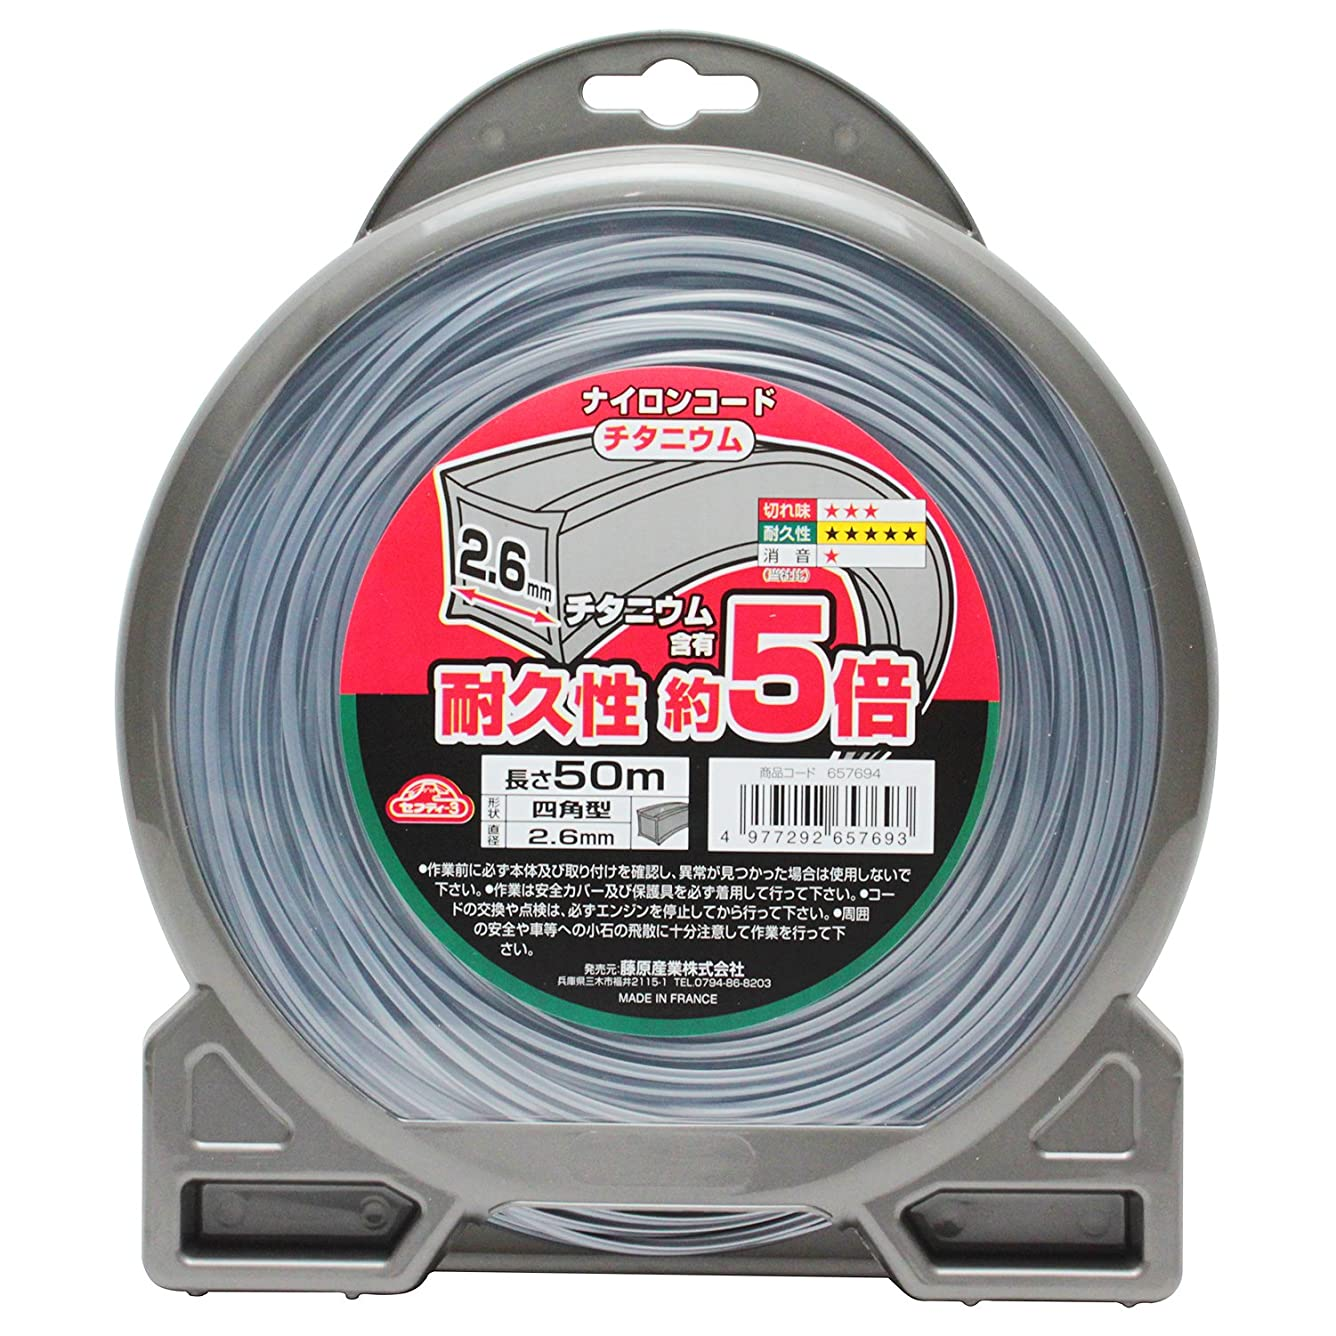 分類とても多くの石油樹脂刃230mmセット品 A-68323 アオ